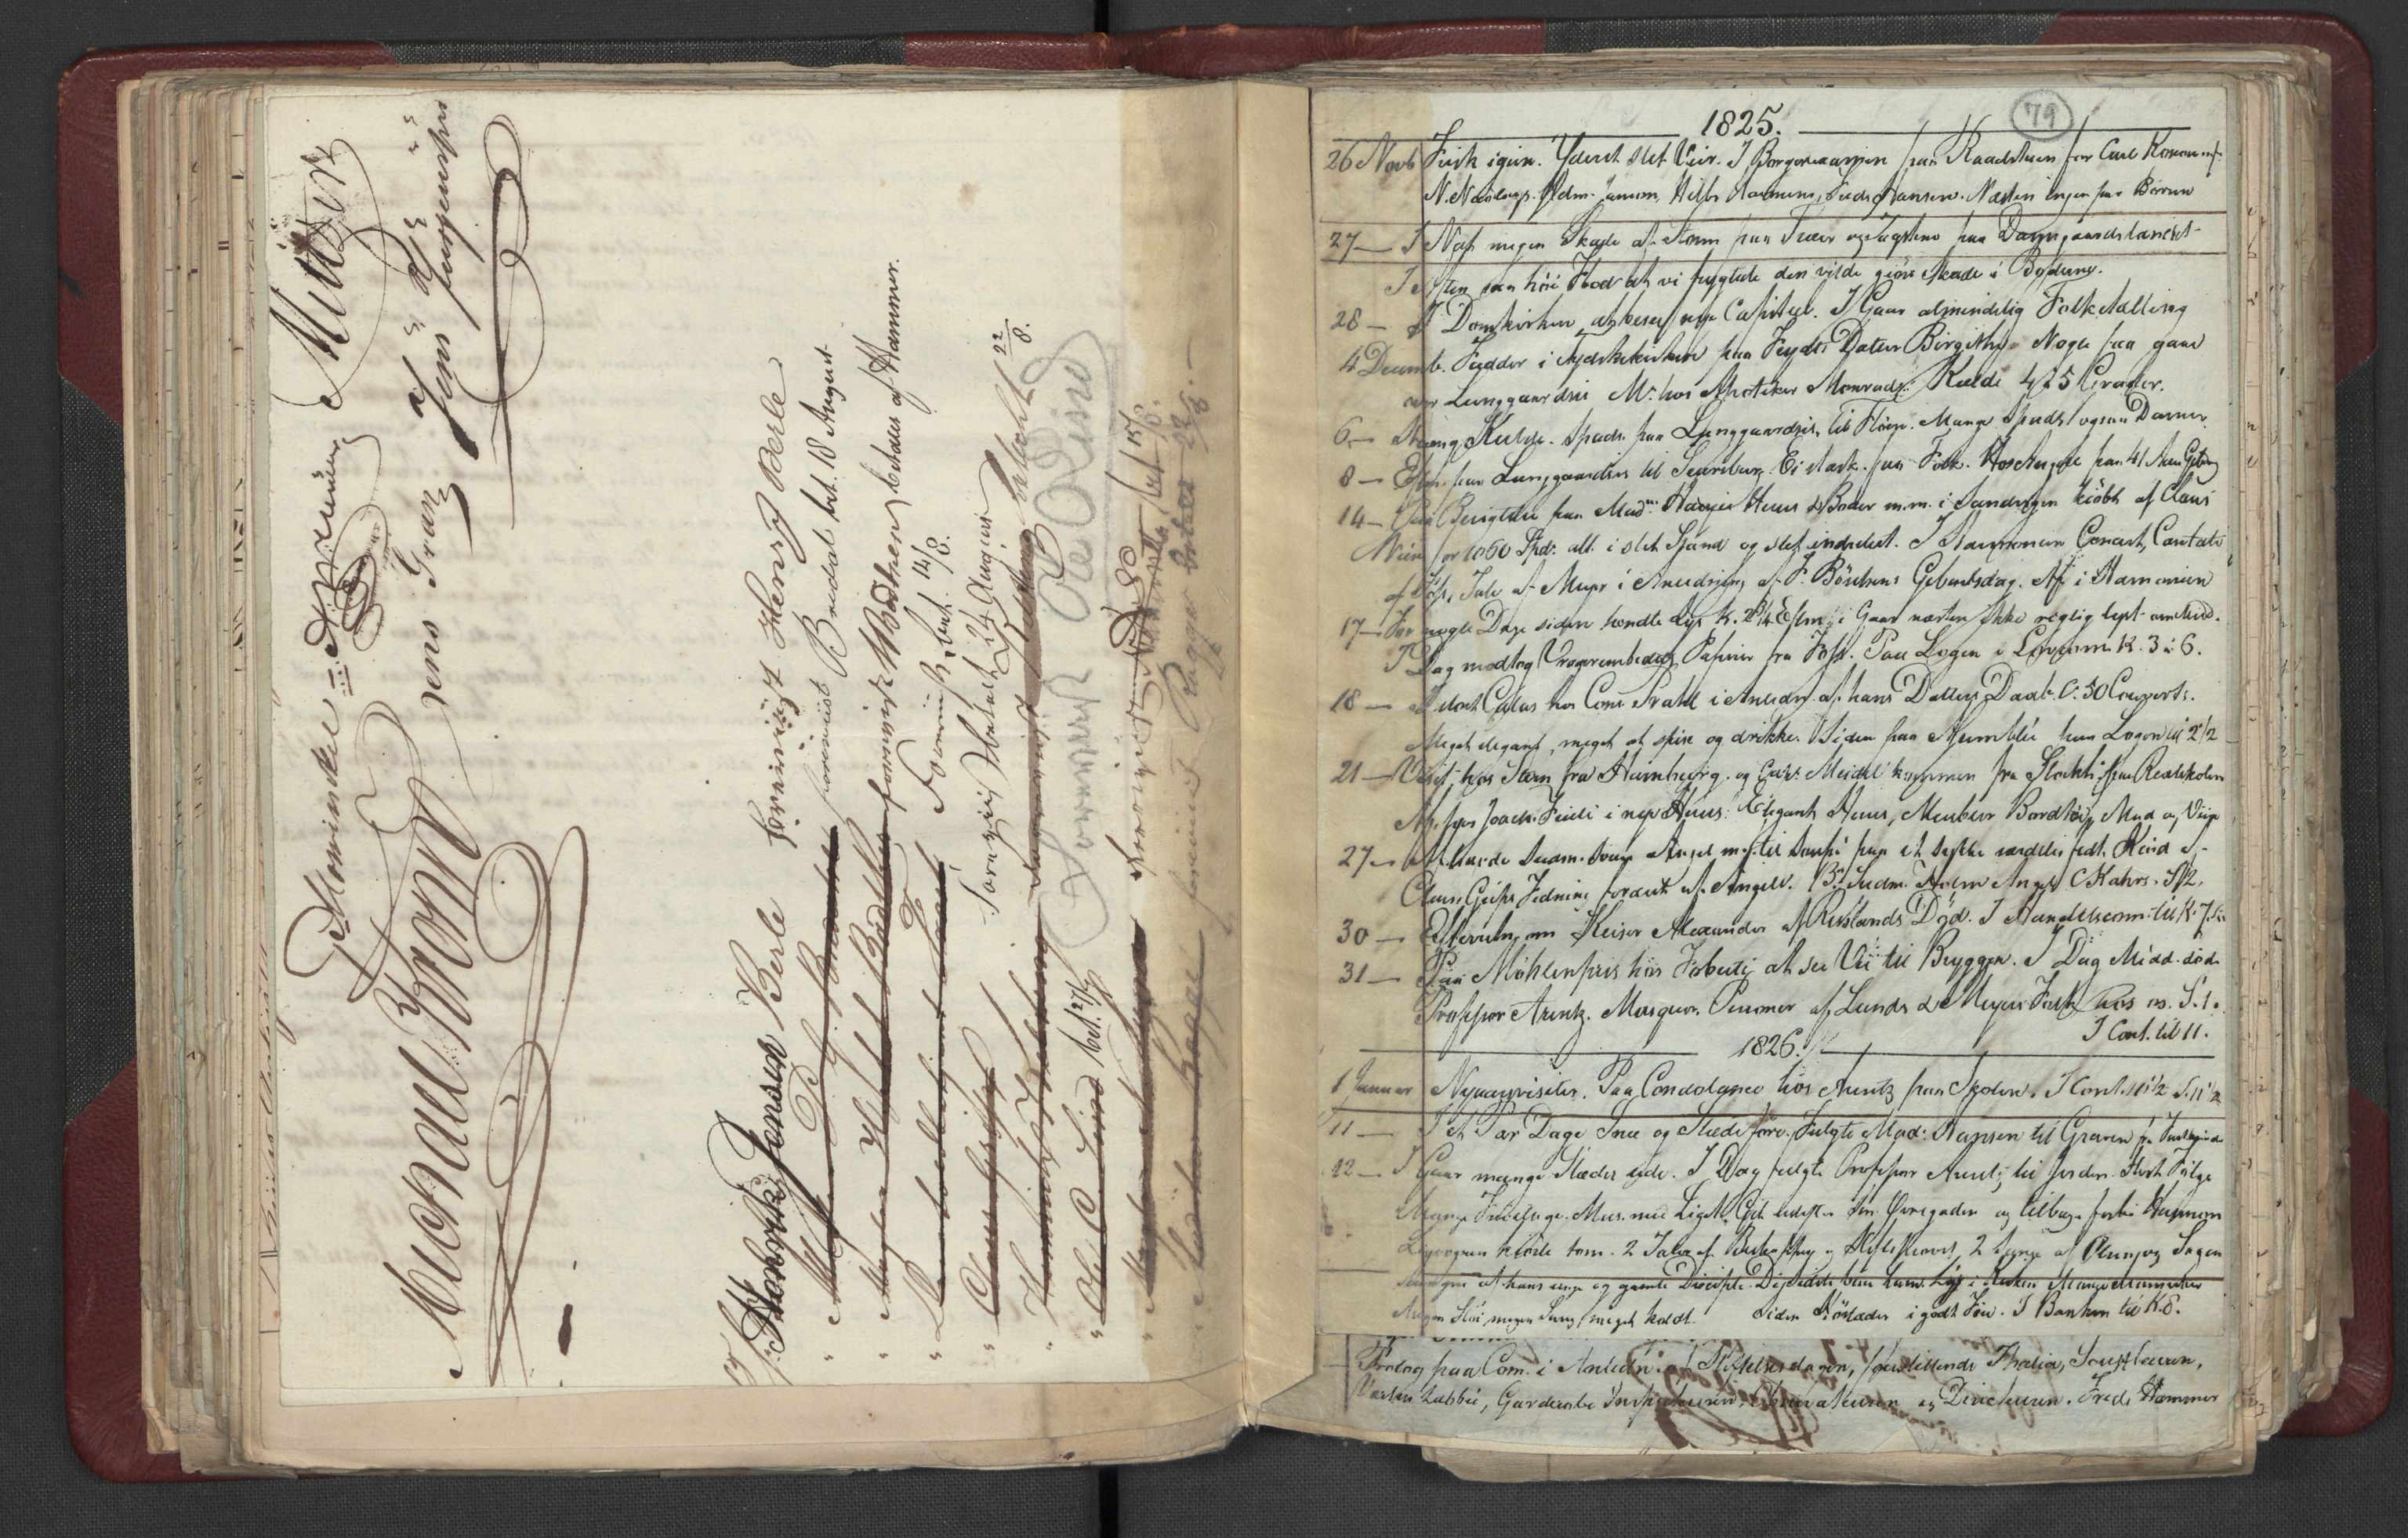 RA, Meltzer, Fredrik, F/L0003: Dagbok, 1821-1831, s. 78b-79a